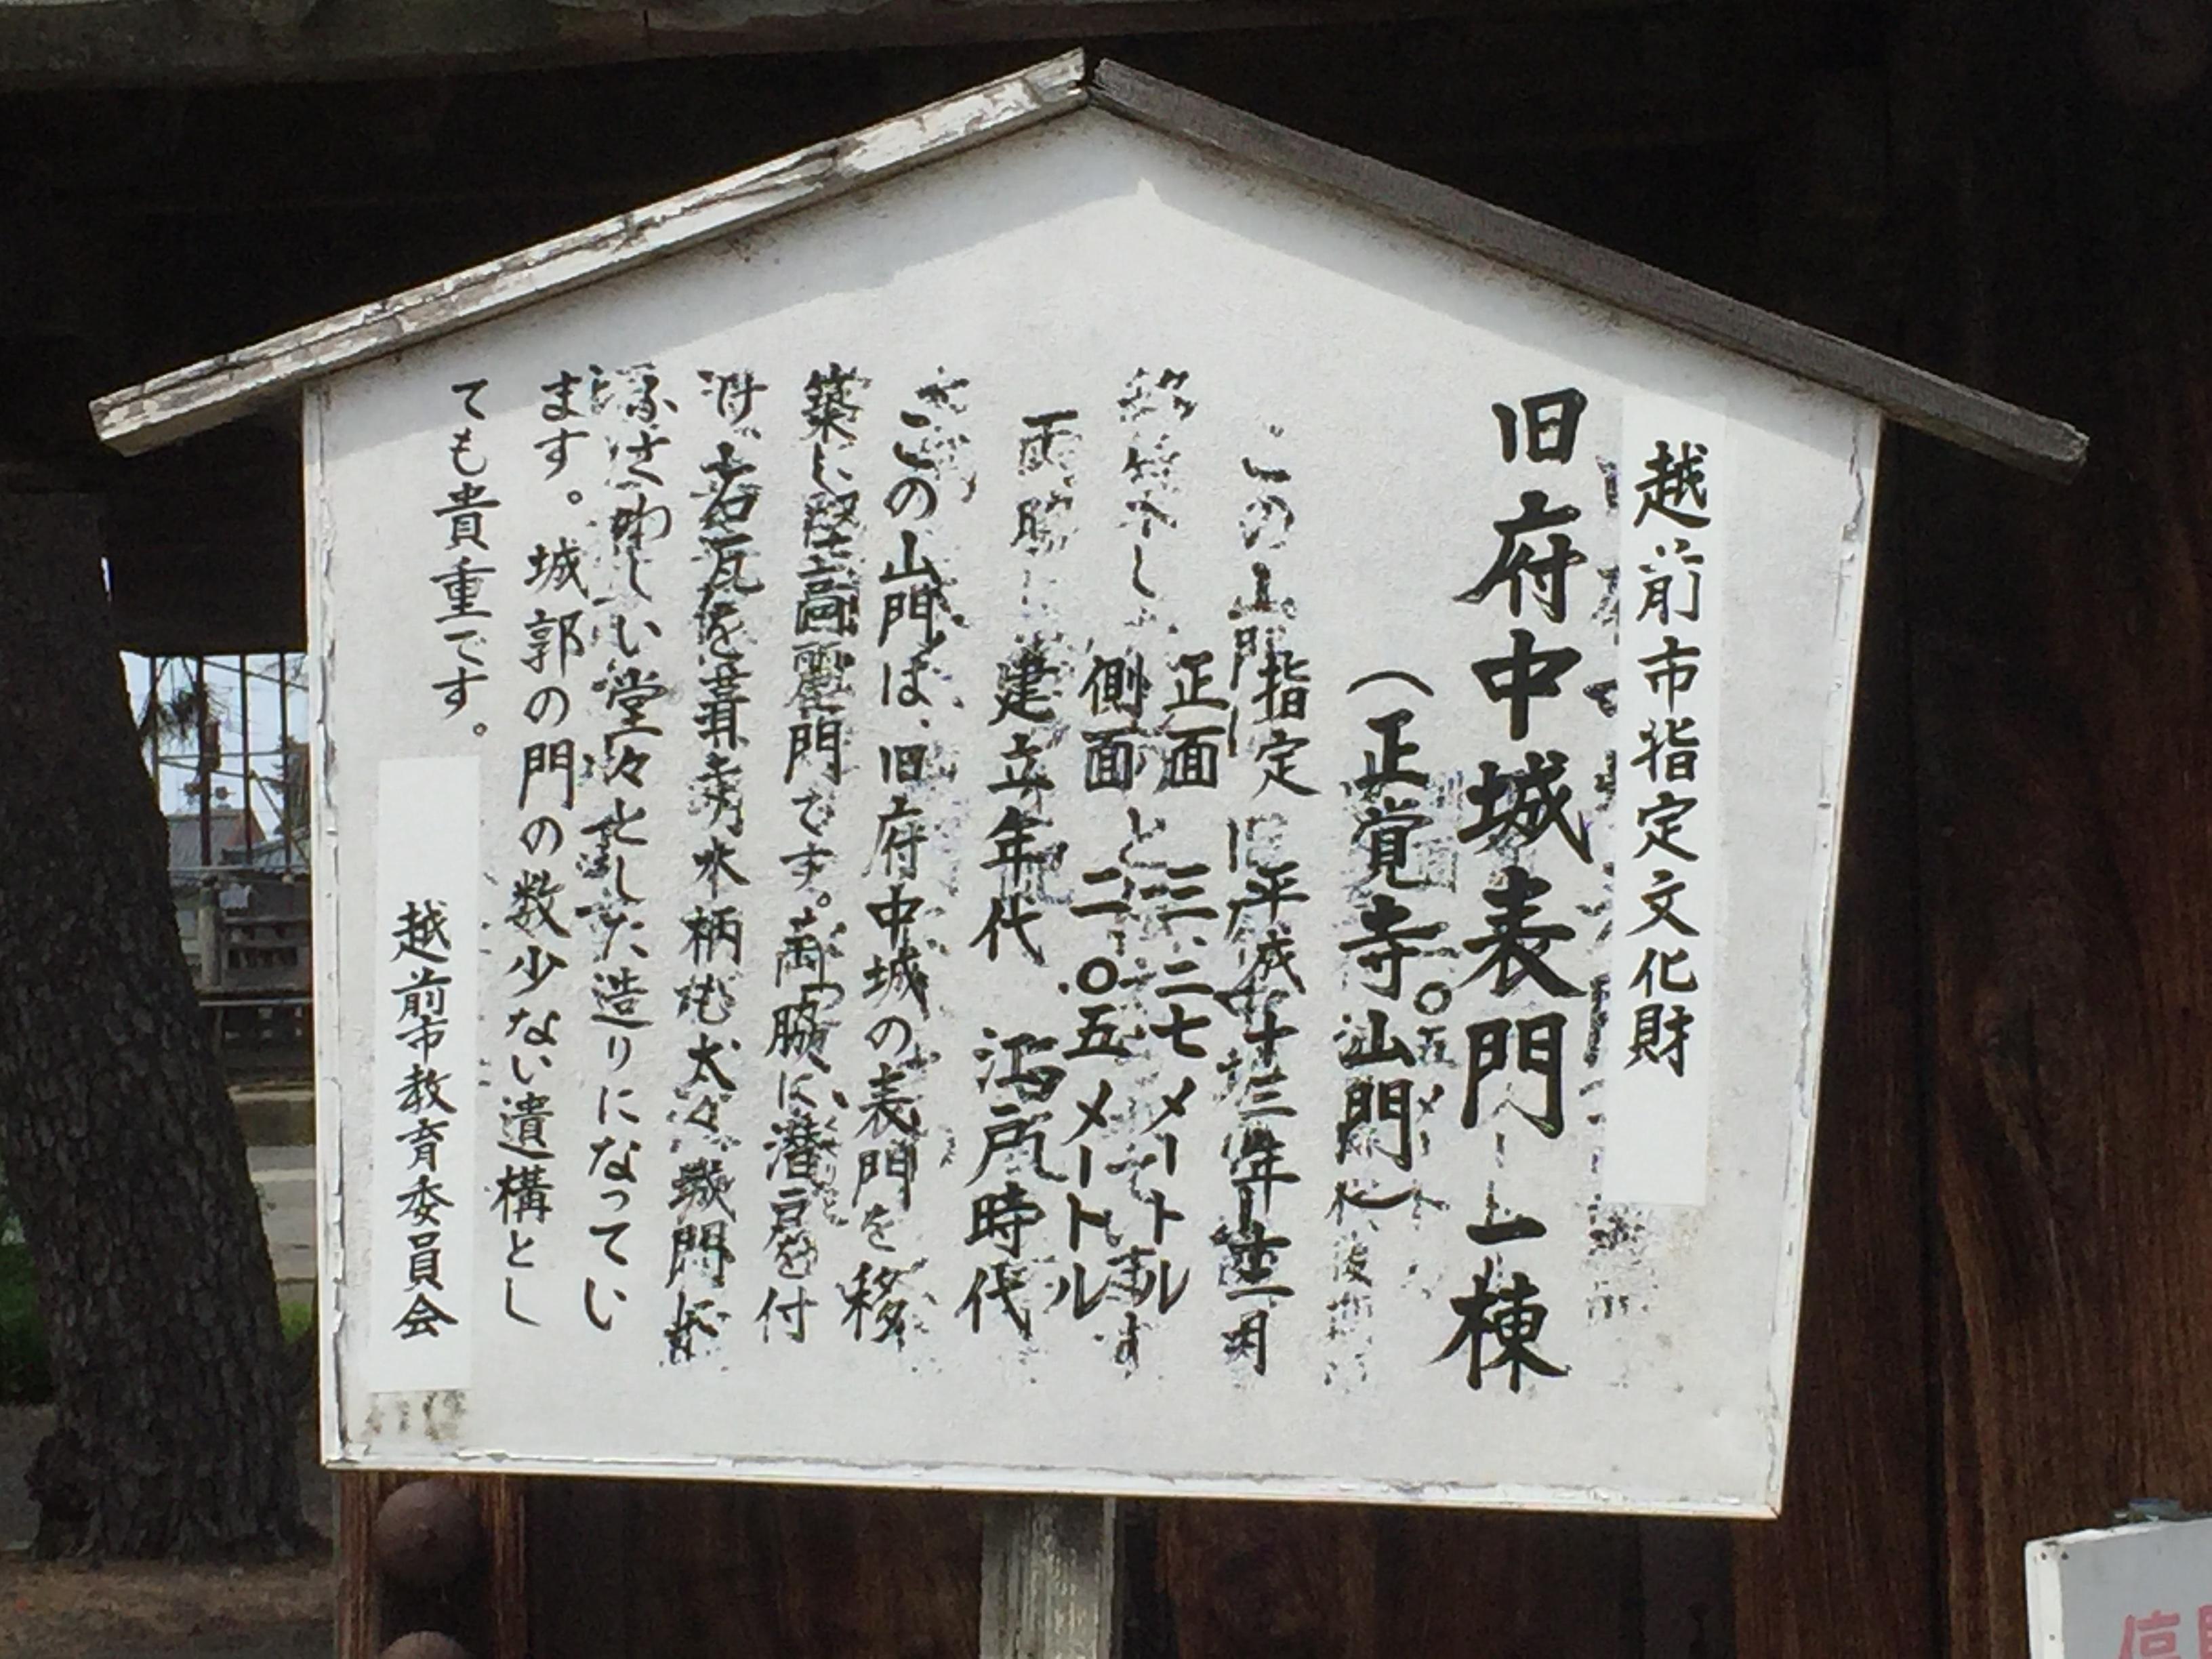 shoukakuji-echizen-016.jpg